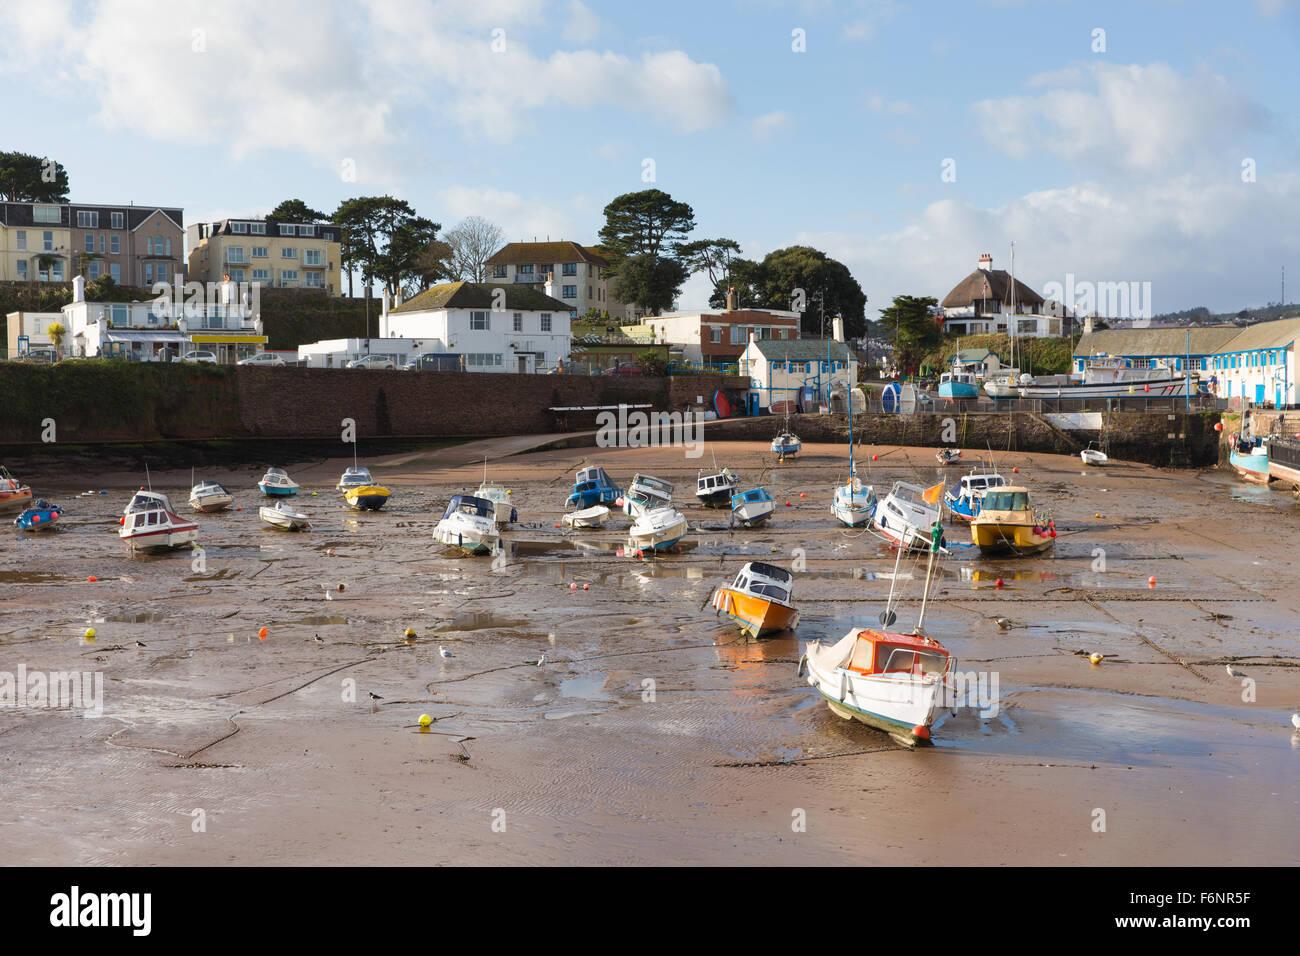 Paignton Hafen Devon England uk bei Ebbe in der Nähe von touristischen Destination Torquay Stockbild